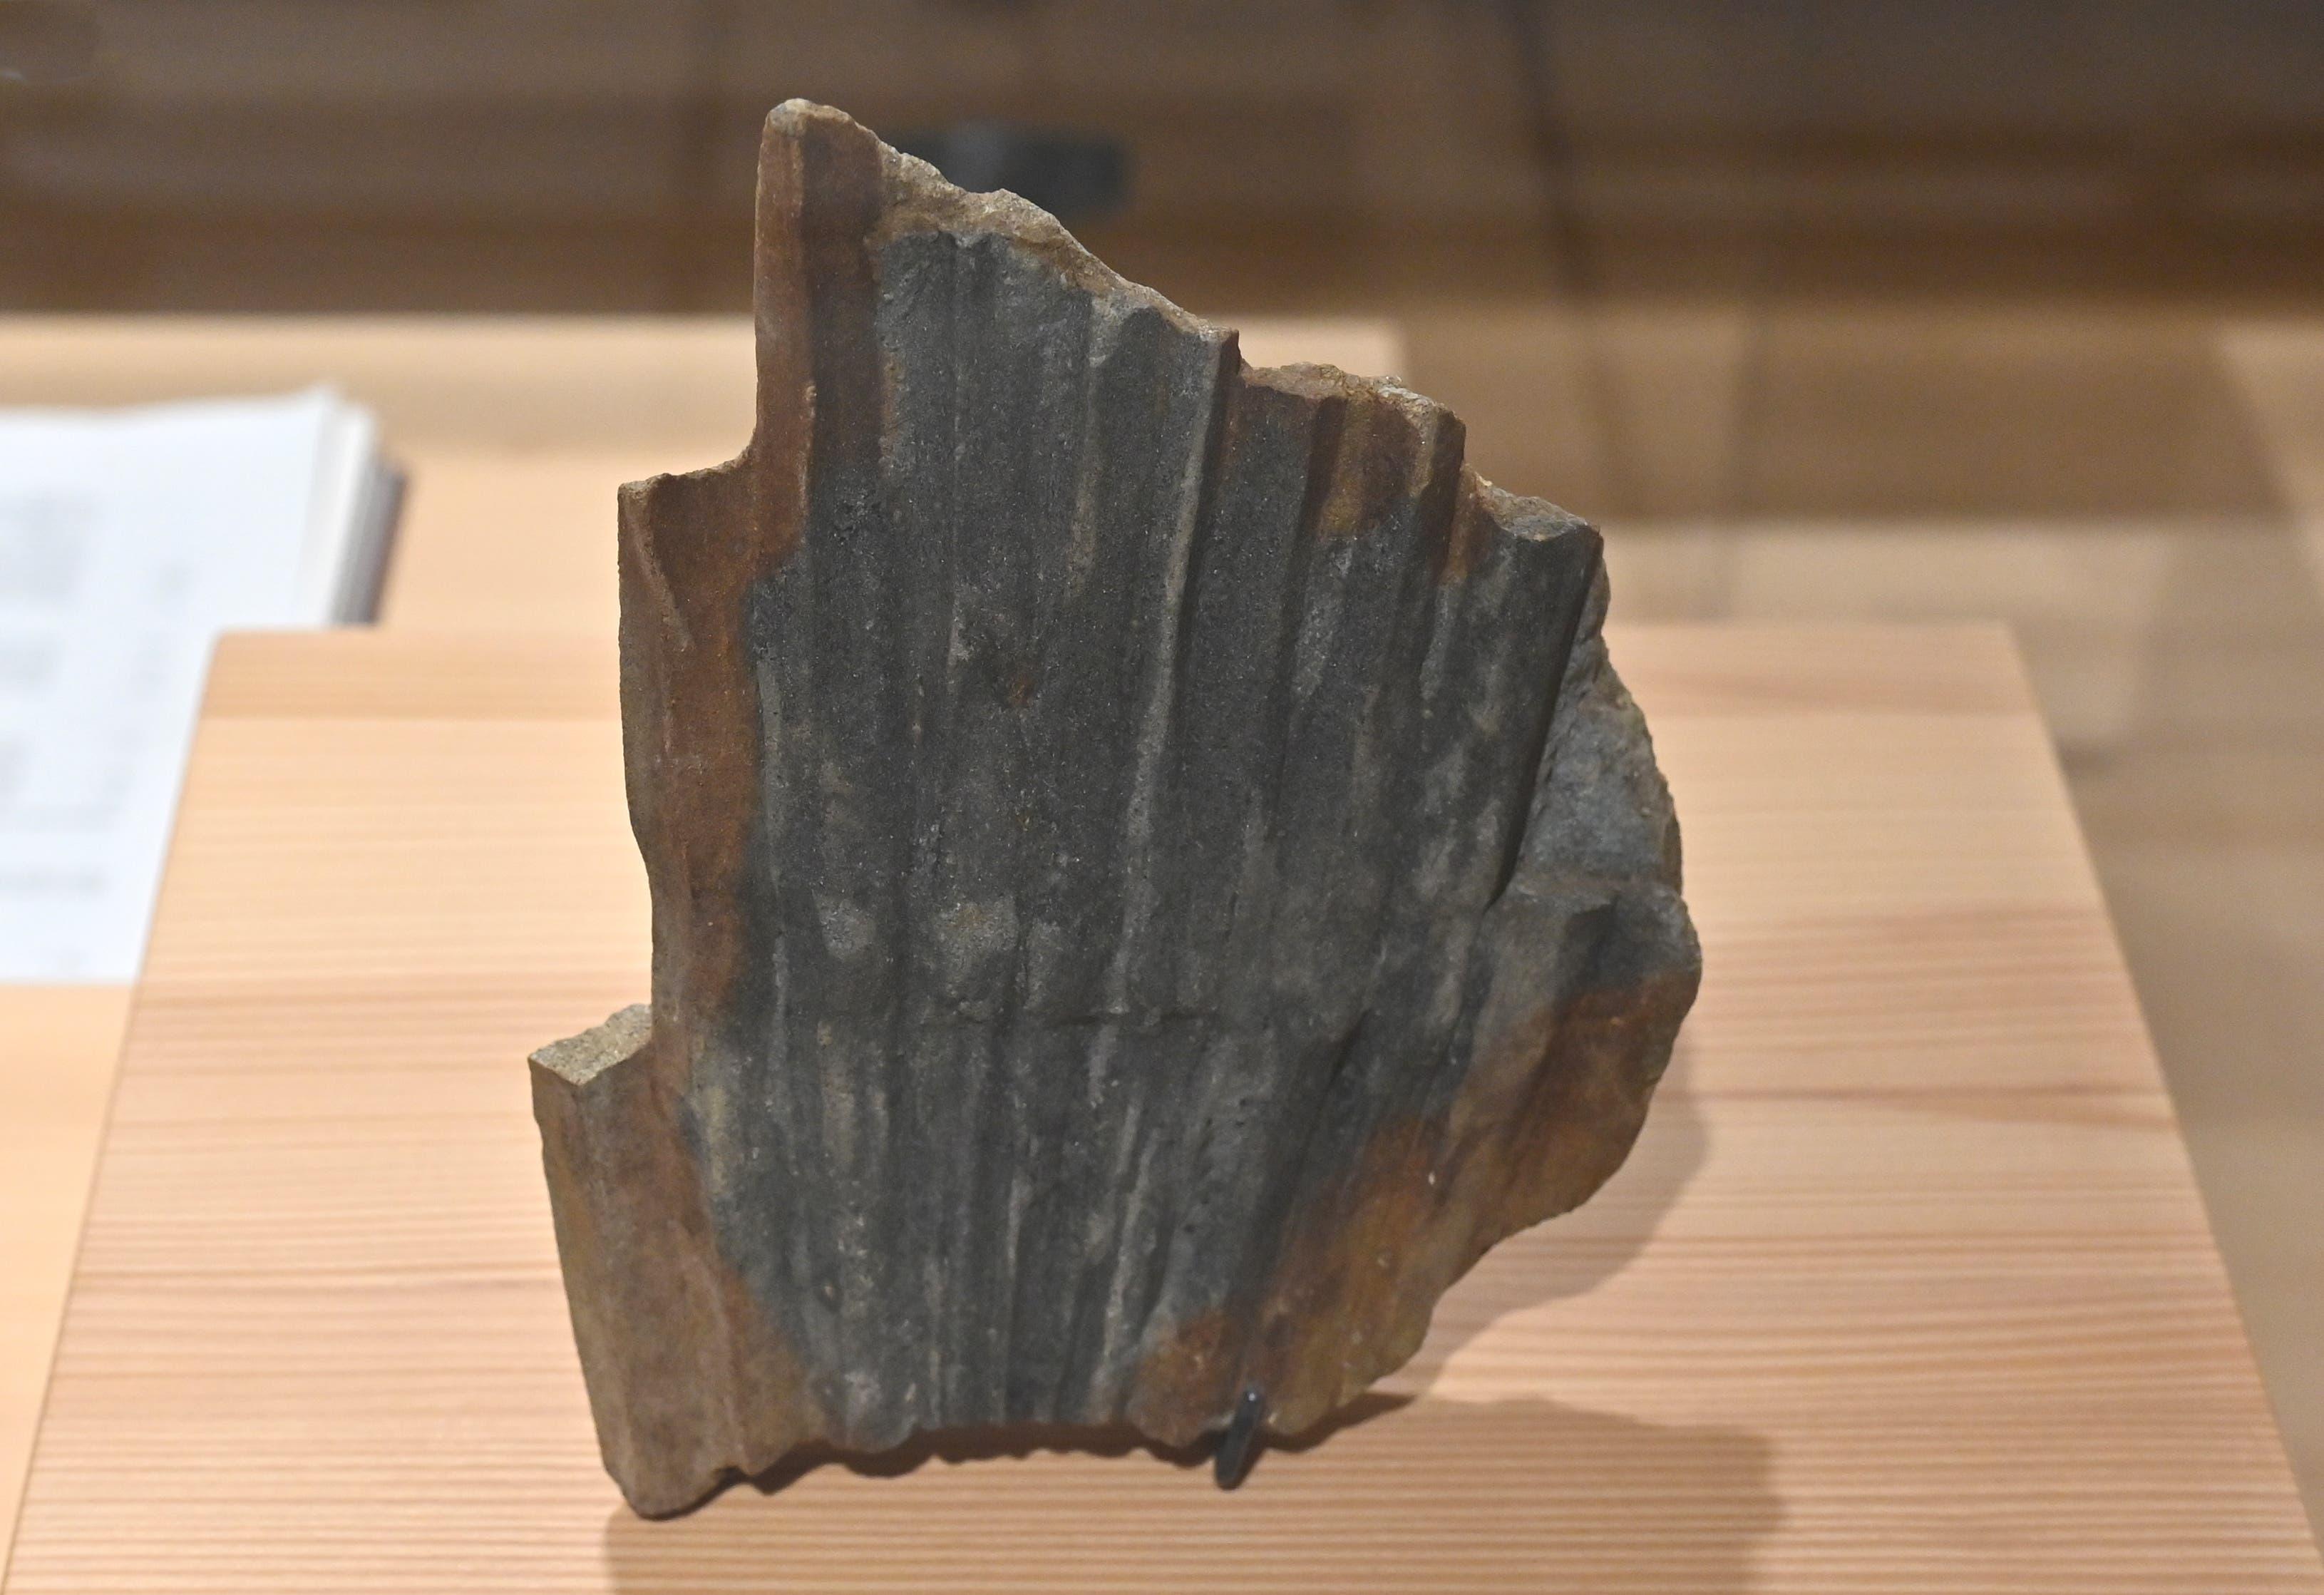 Dieses versteinerte Palmblatt zeugt von der subtropischen Vegetation vor 23,5 Millionen Jahren.